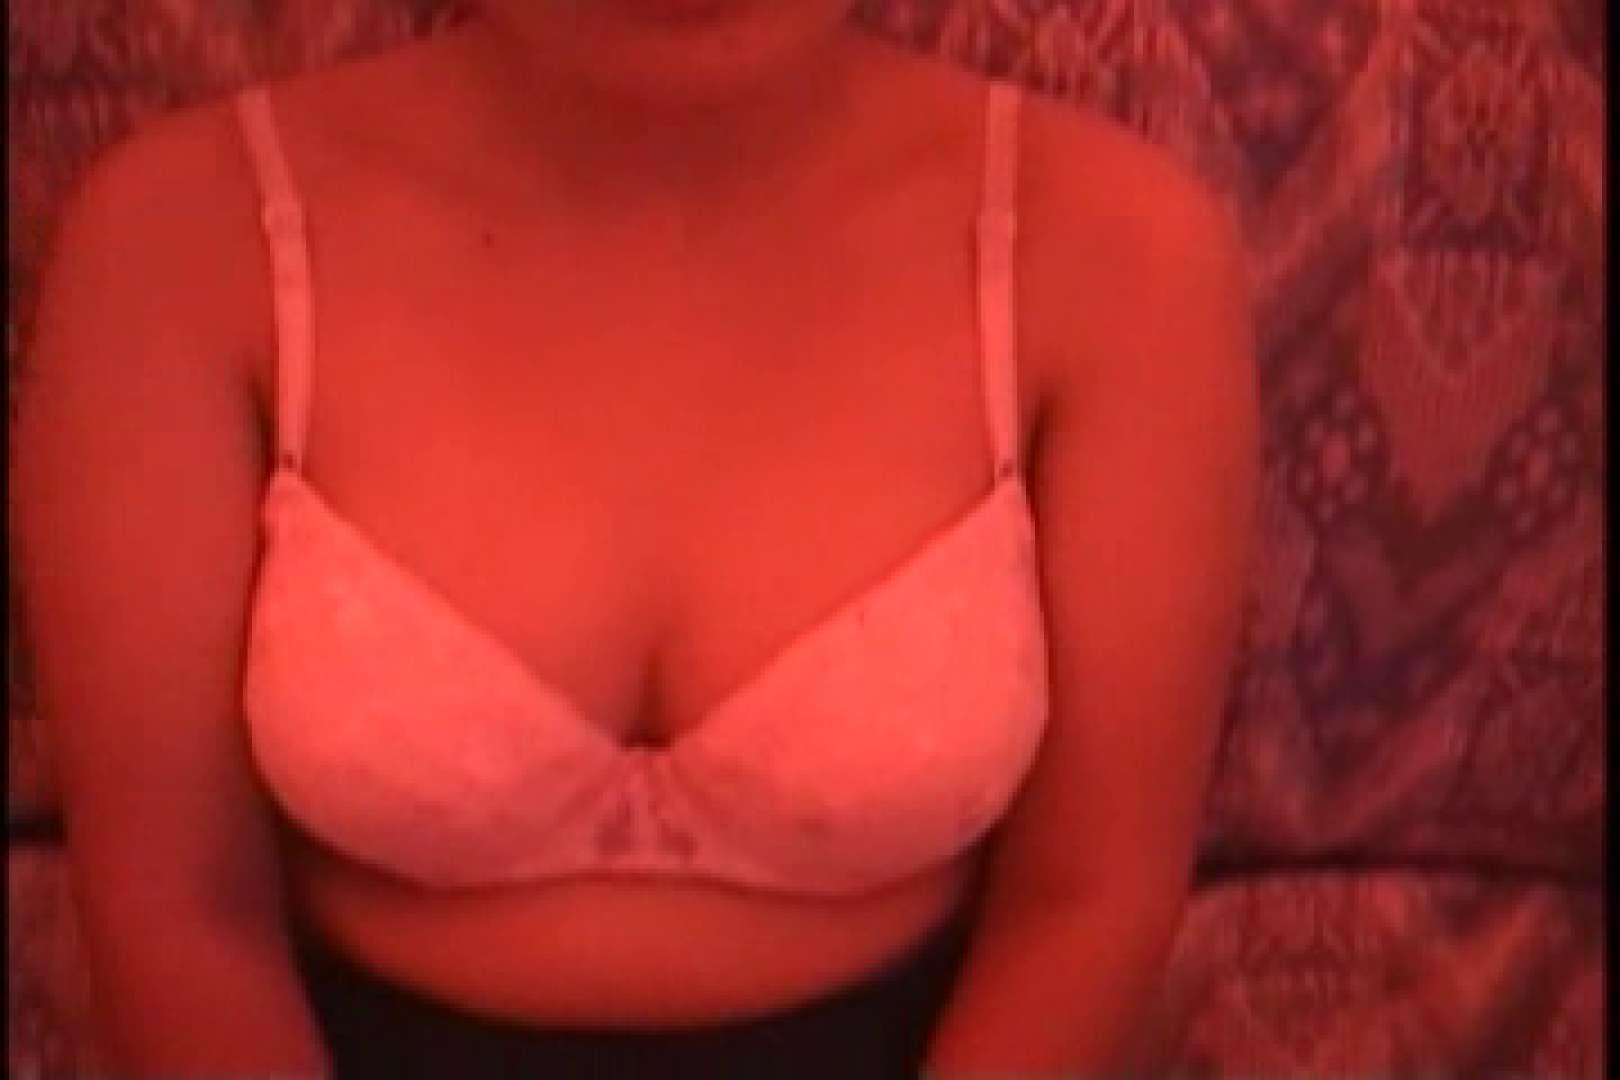 長野援助 かおりちゃん18歳 ギャル達のおっぱい | 一般投稿  87画像 14